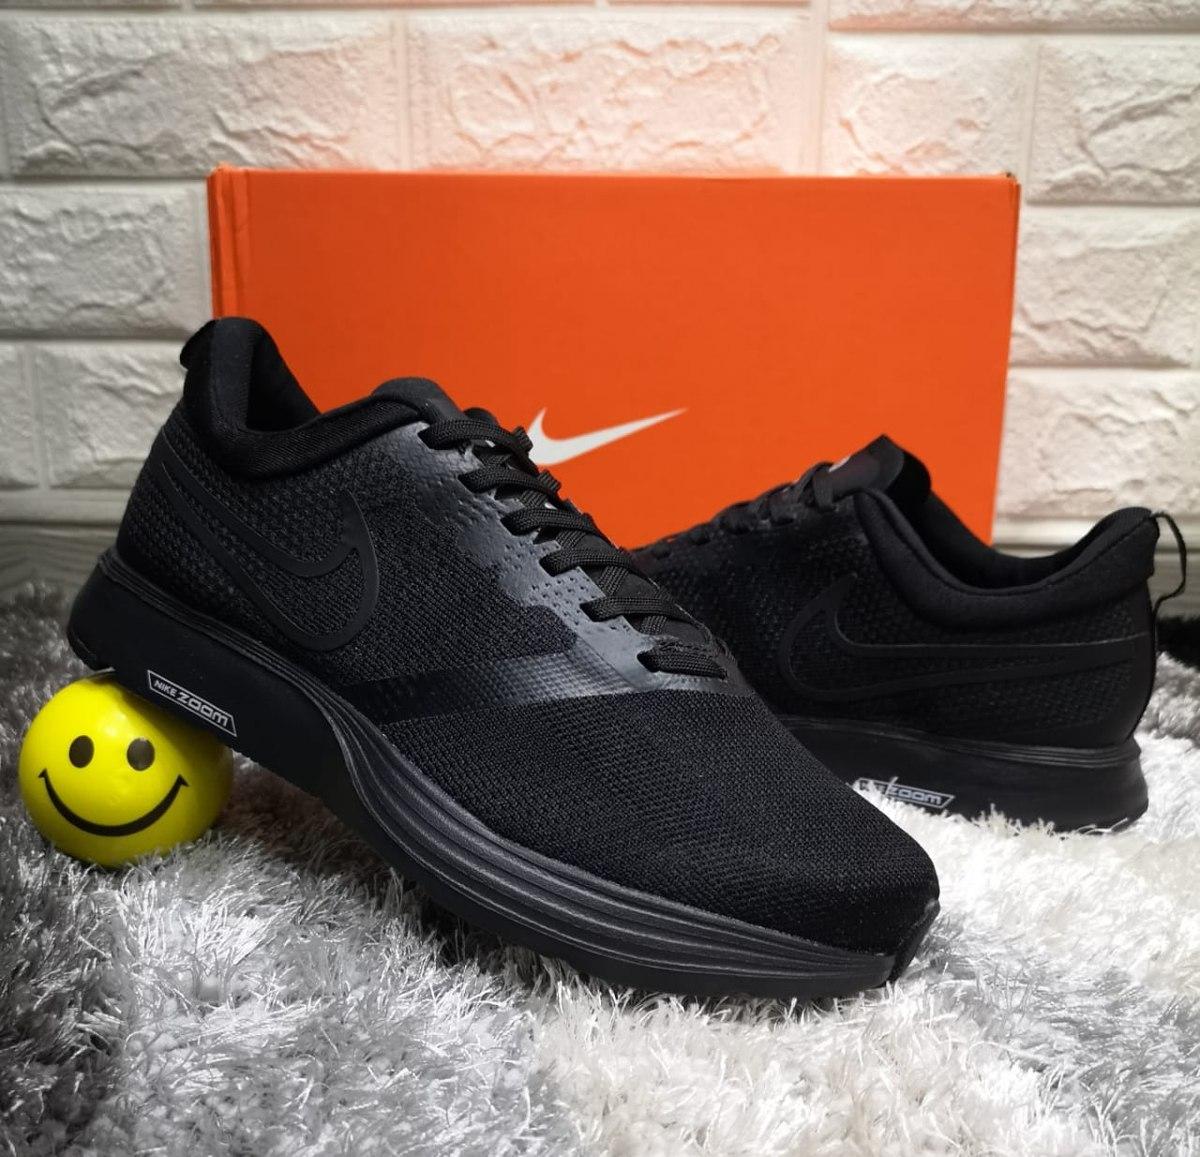 39cd6dd7e87 Zapatillas Nike Zoom Strike Para Hombre -   160.000 en Mercado Libre